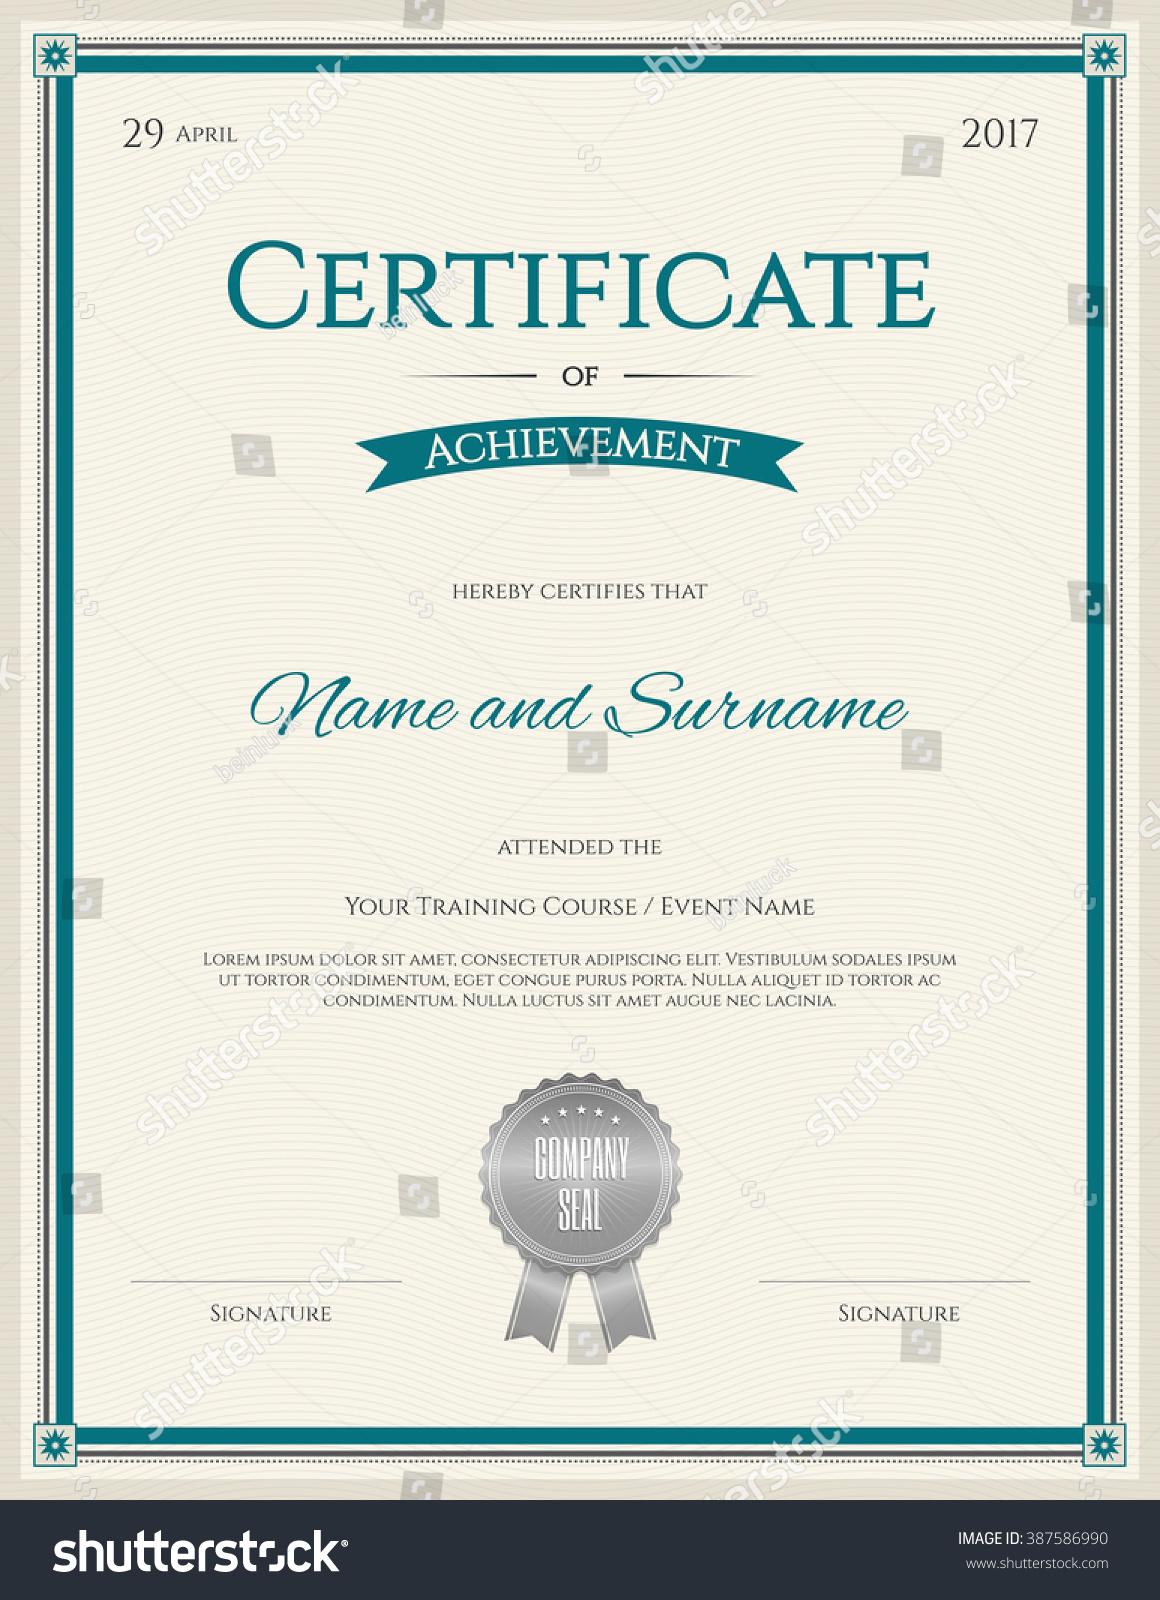 Certificate achievement template portrait orientation graduation certificate of achievement template in portrait orientation for graduation participation xflitez Image collections